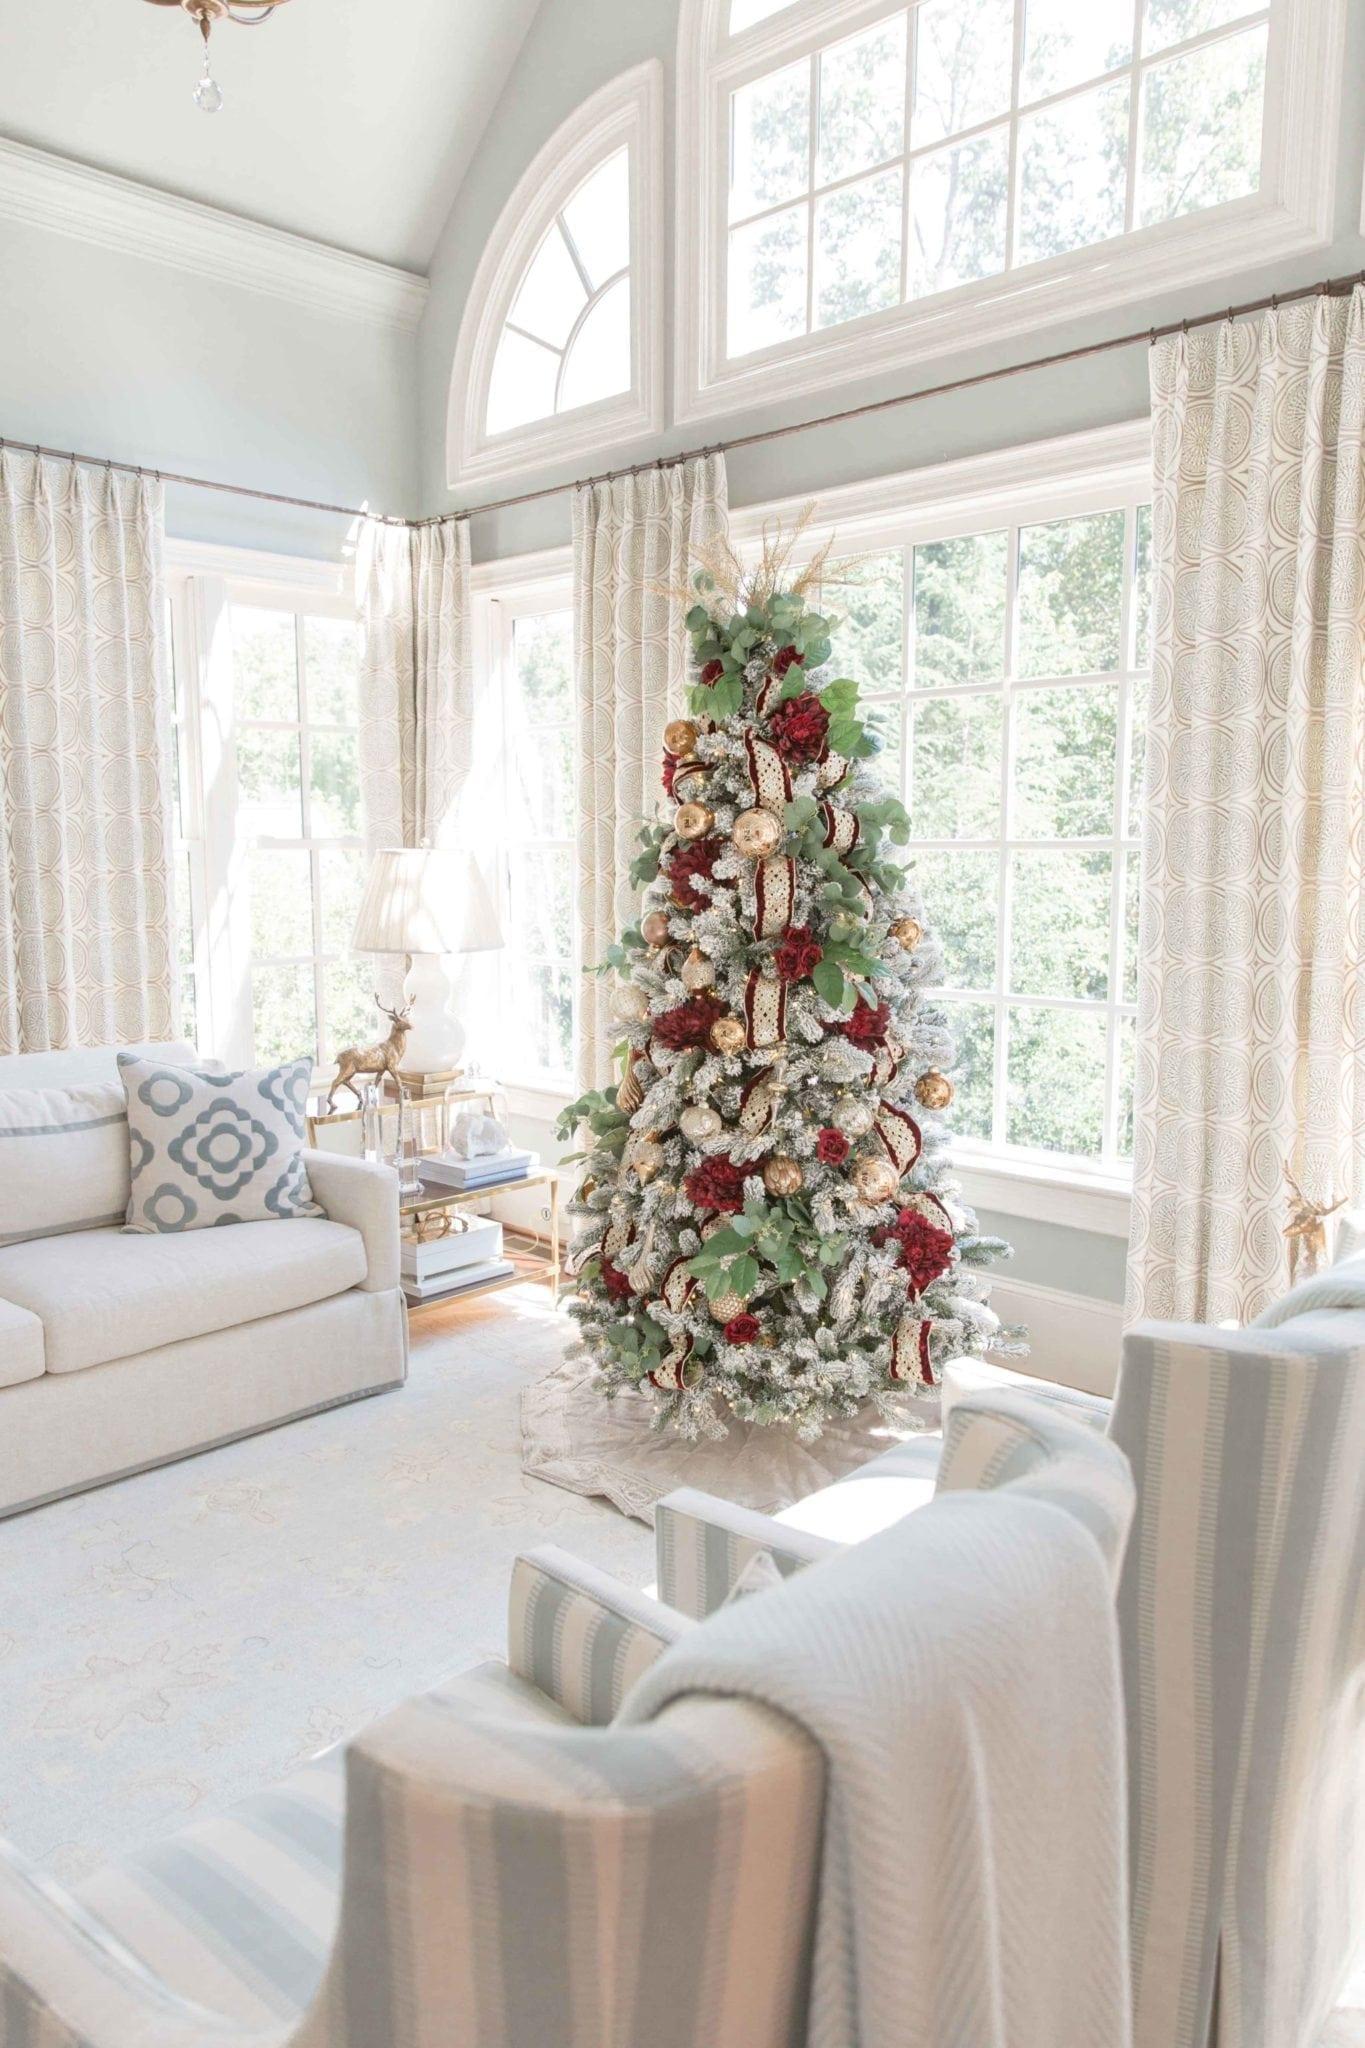 King of Christmas trees.